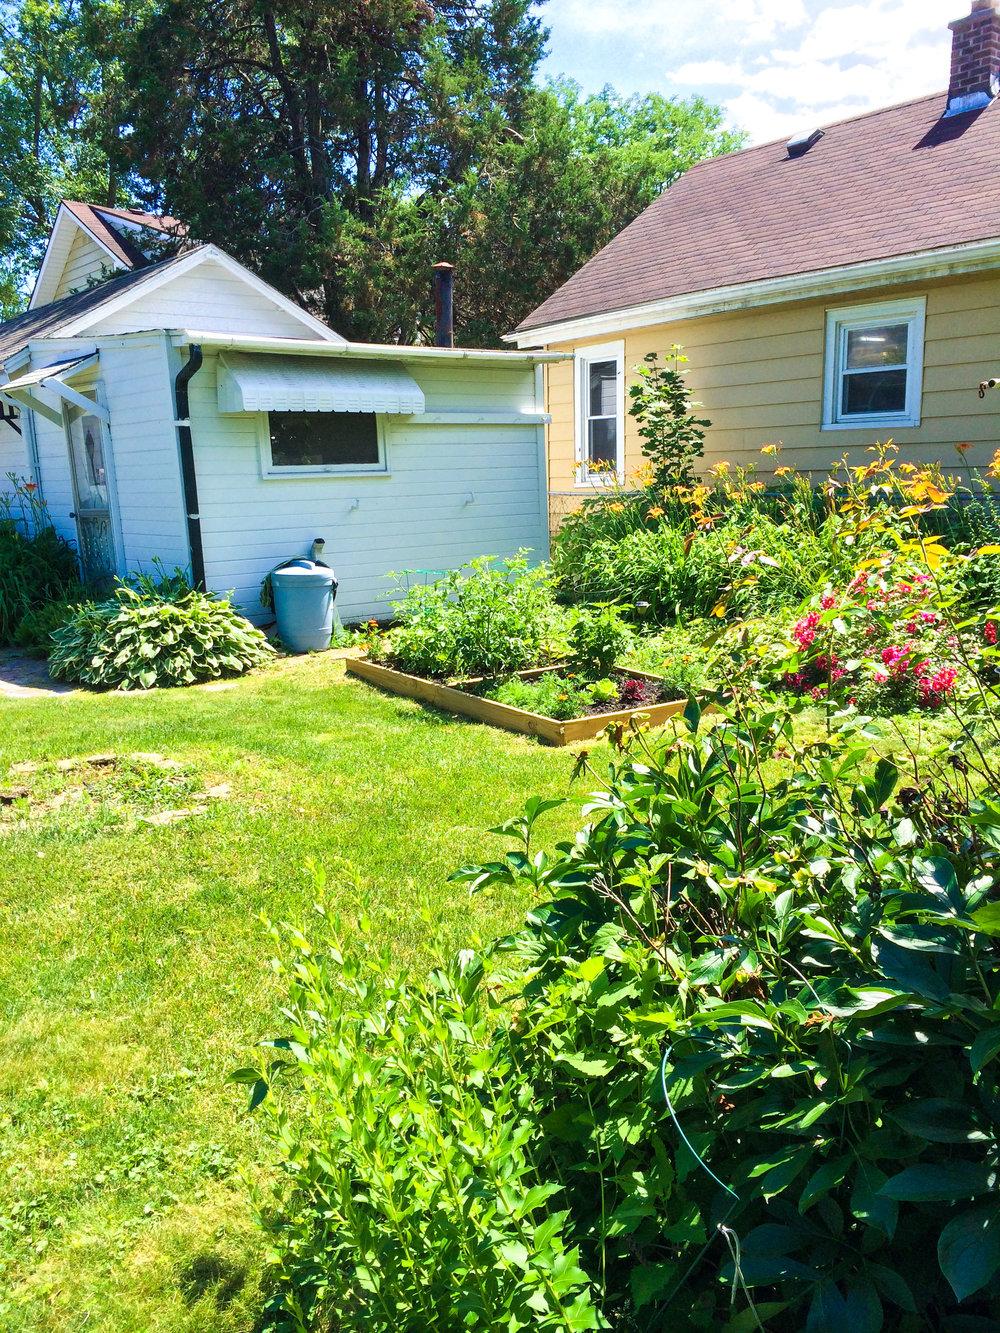 Back yard_full6 - REVISED.jpg